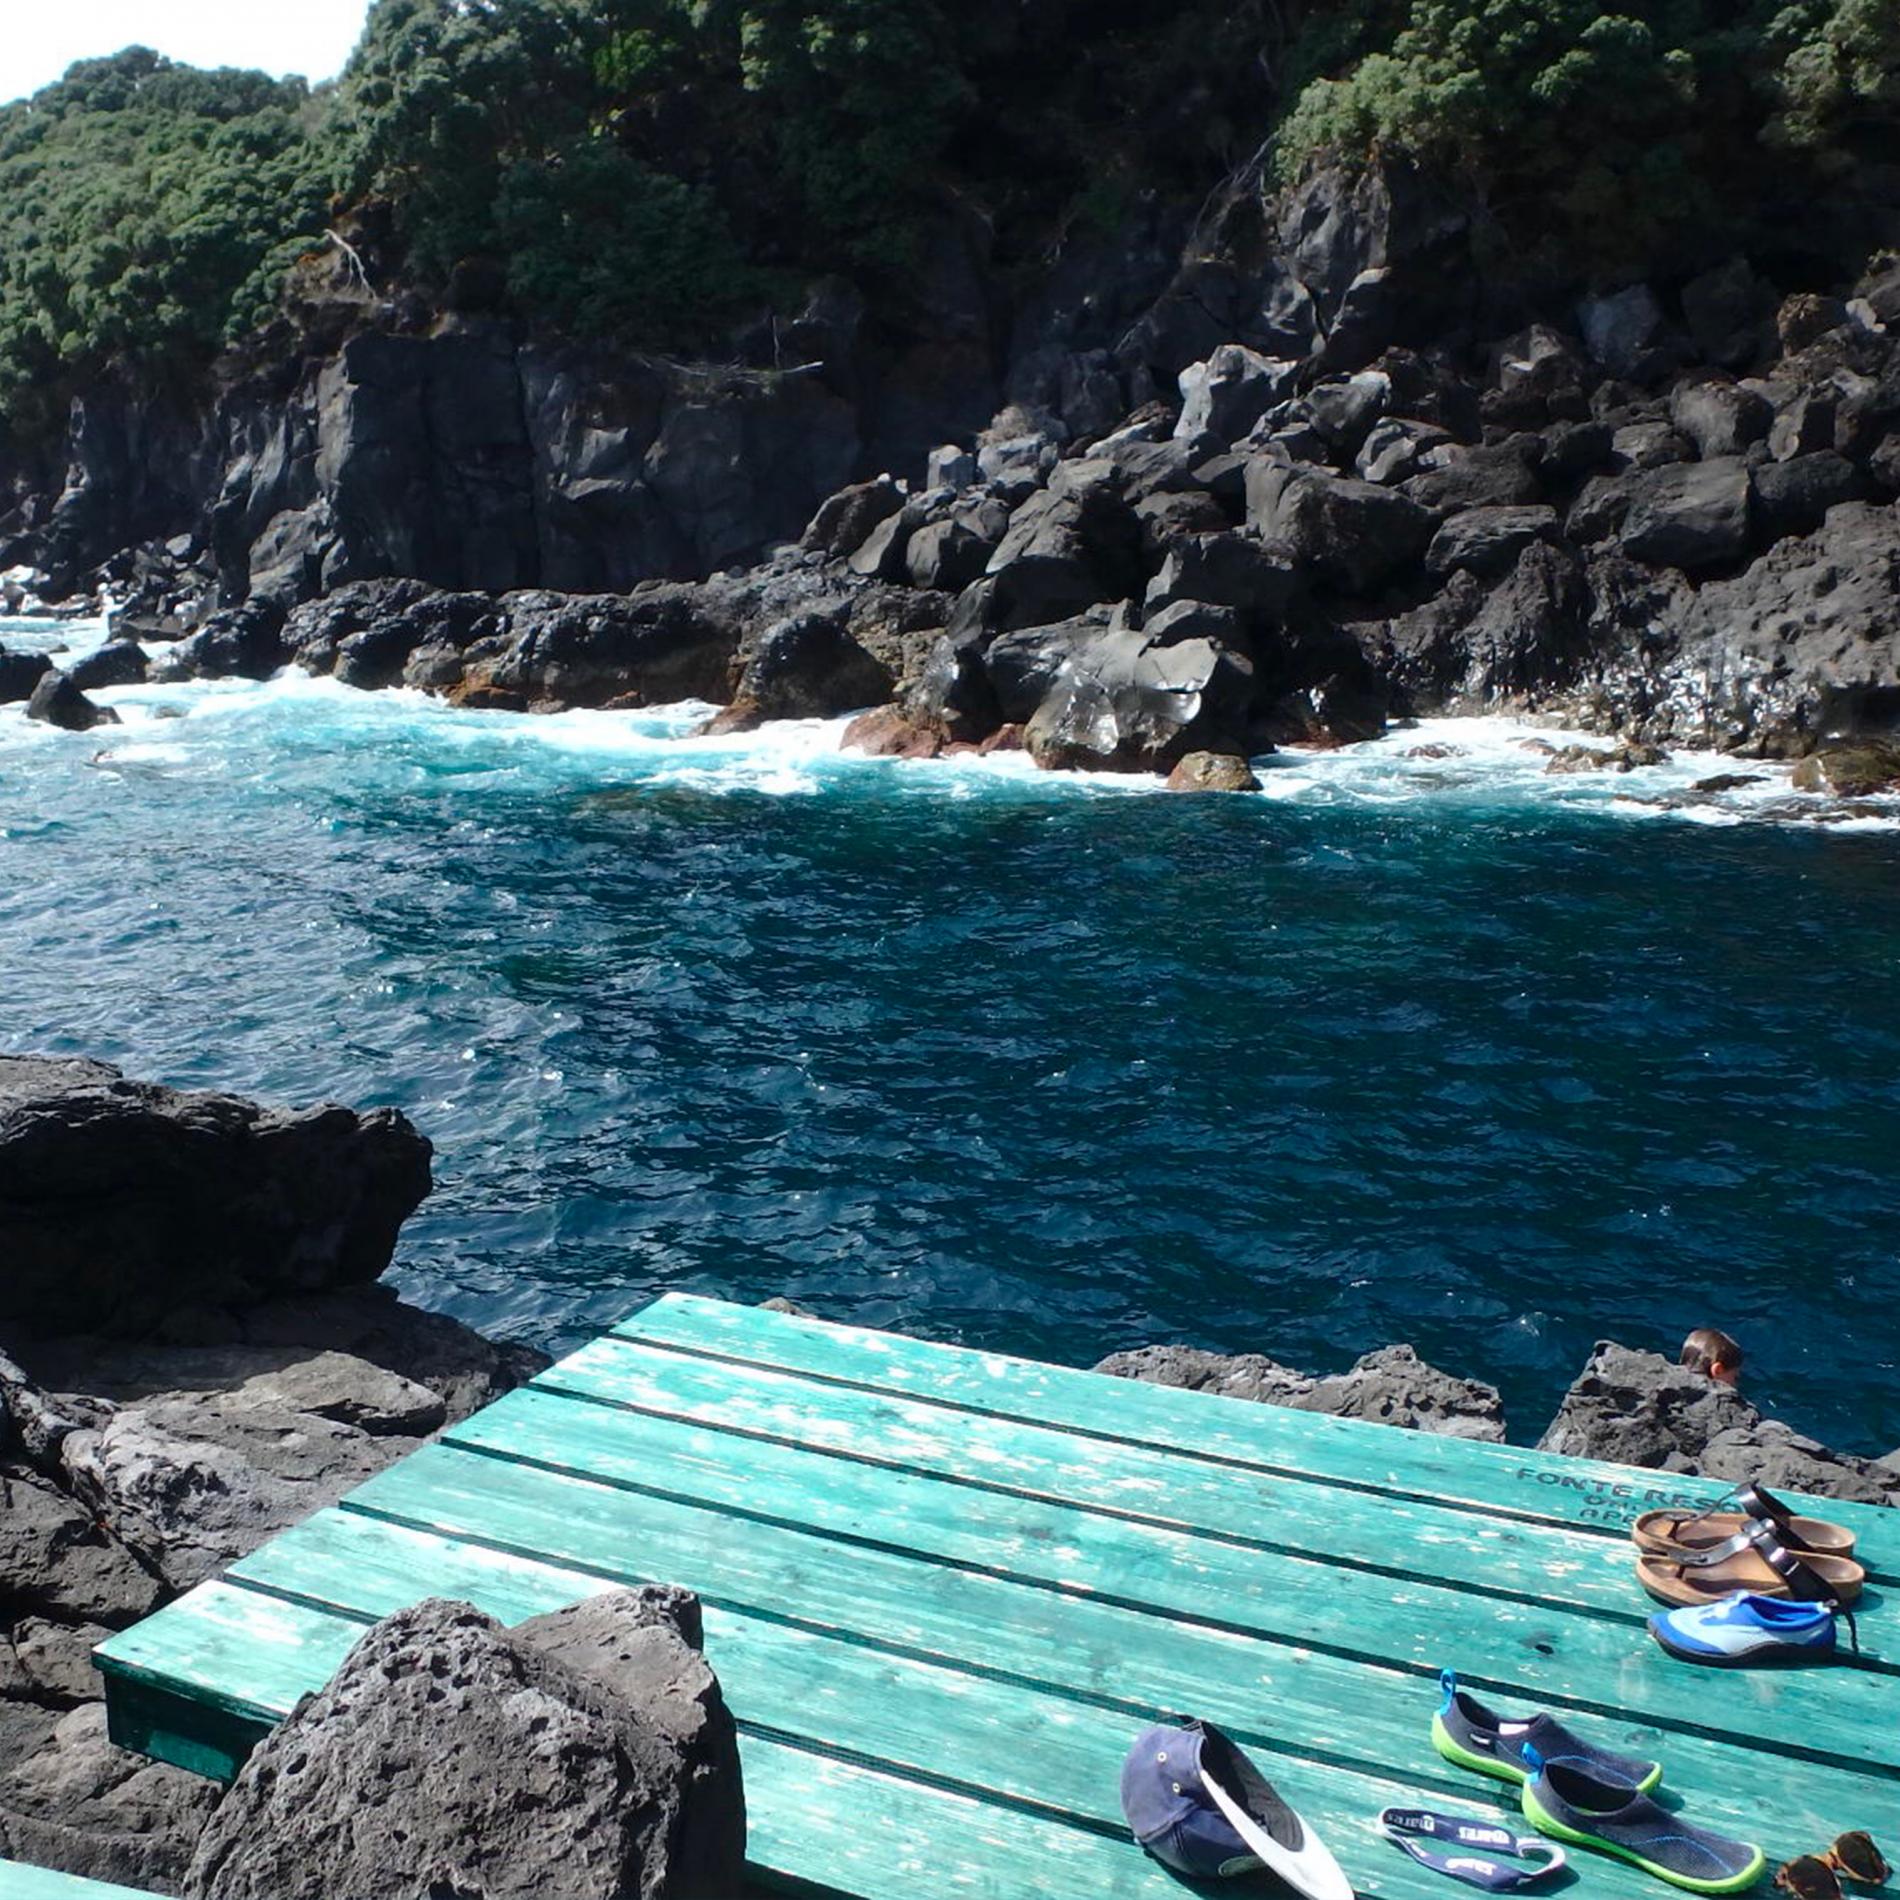 pisicne naturelle acores hotel - dauphins et son bébé - consciences dauphins - nager avec les dauphins - nage avec les dauphins sauvages